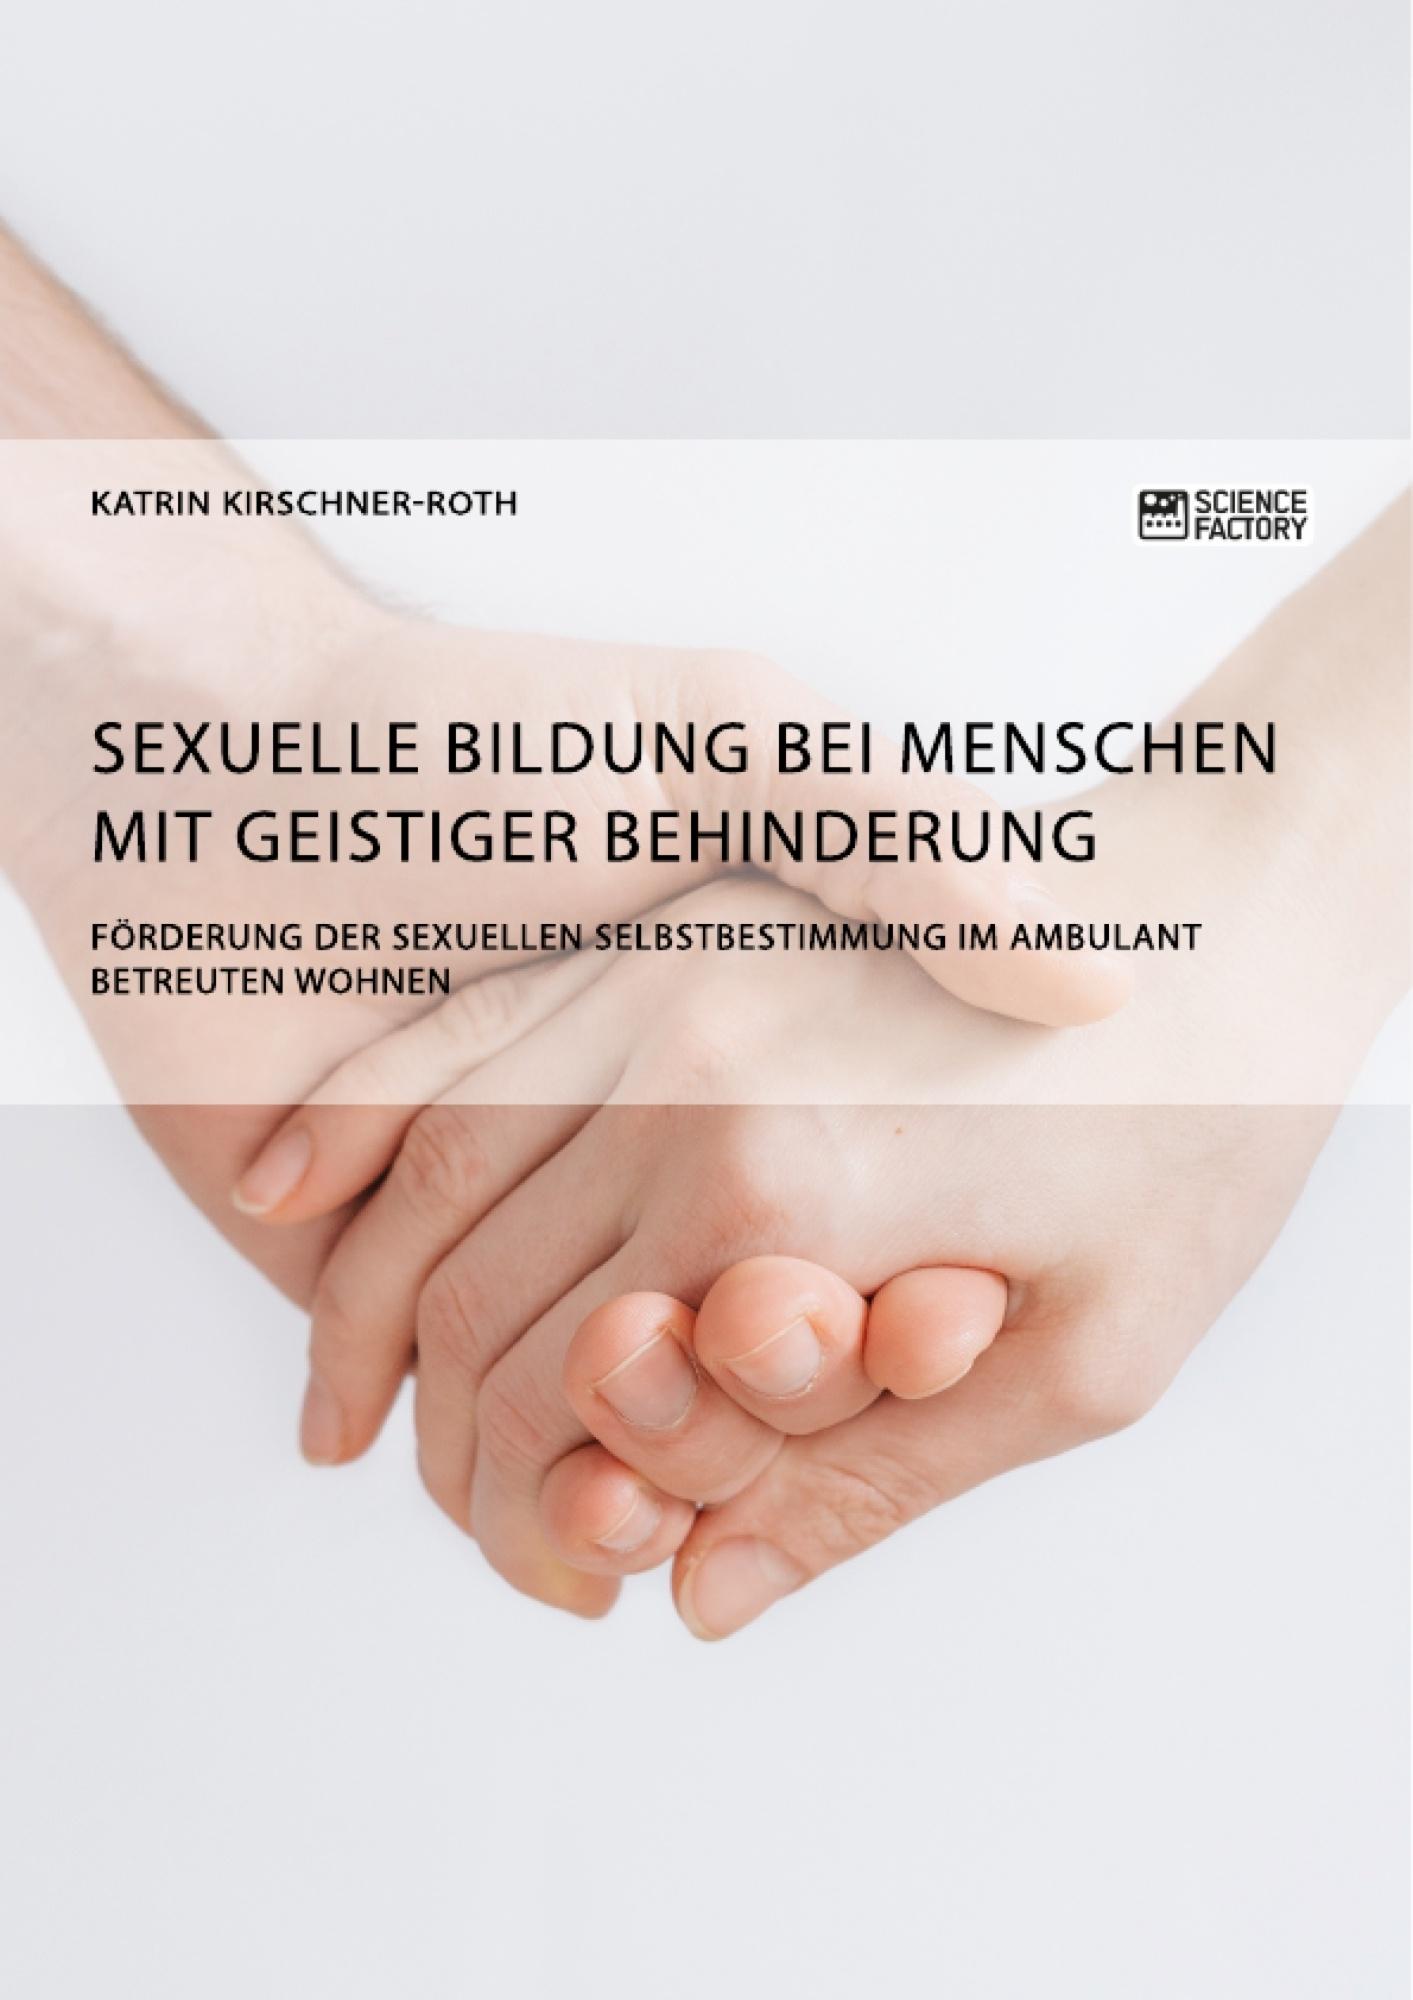 Titel: Sexuelle Bildung bei Menschen mit geistiger Behinderung. Förderung der sexuellen Selbstbestimmung im ambulant betreuten Wohnen